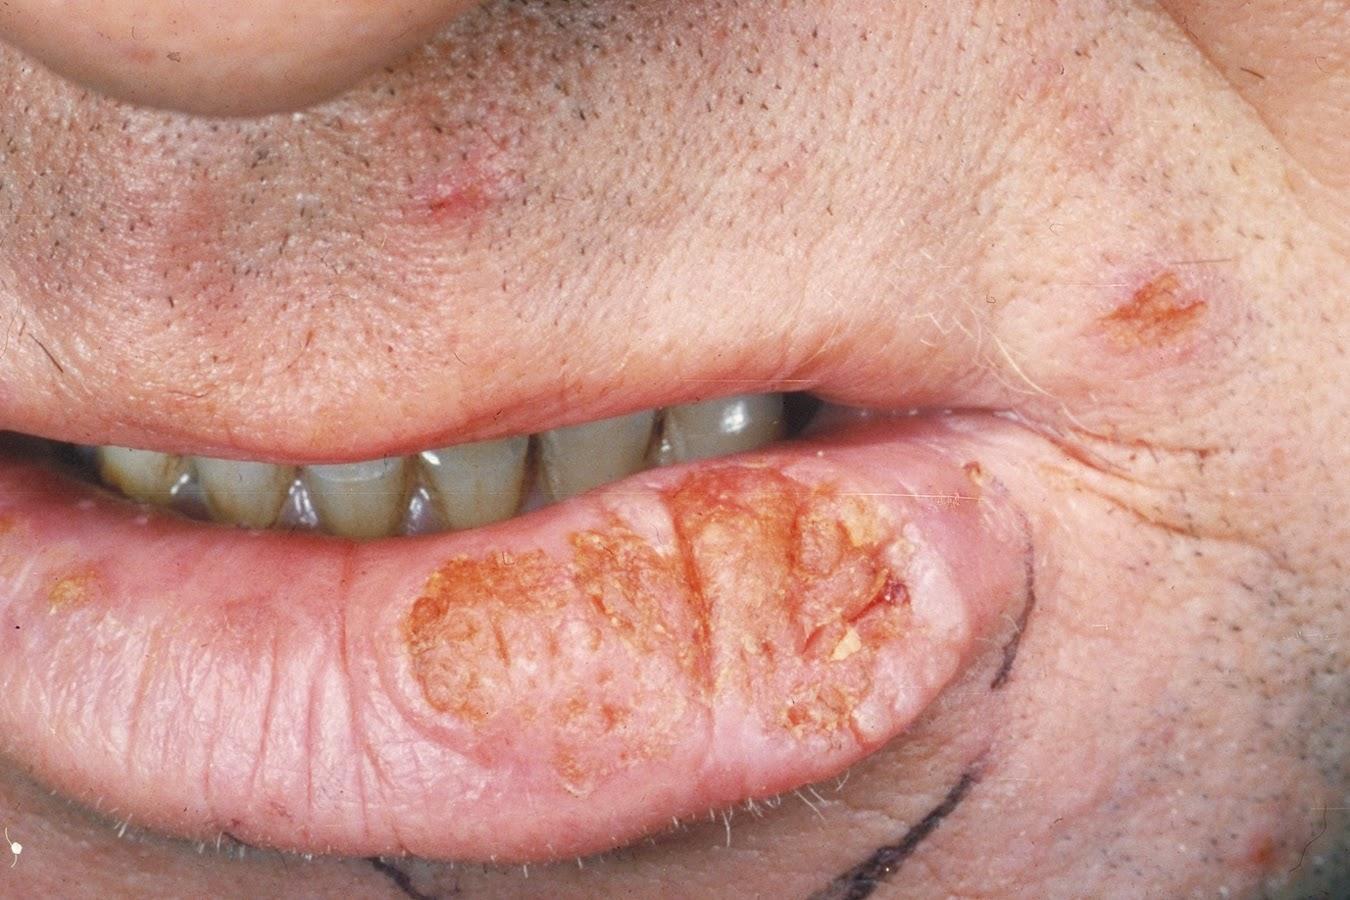 Fluorouracil lip